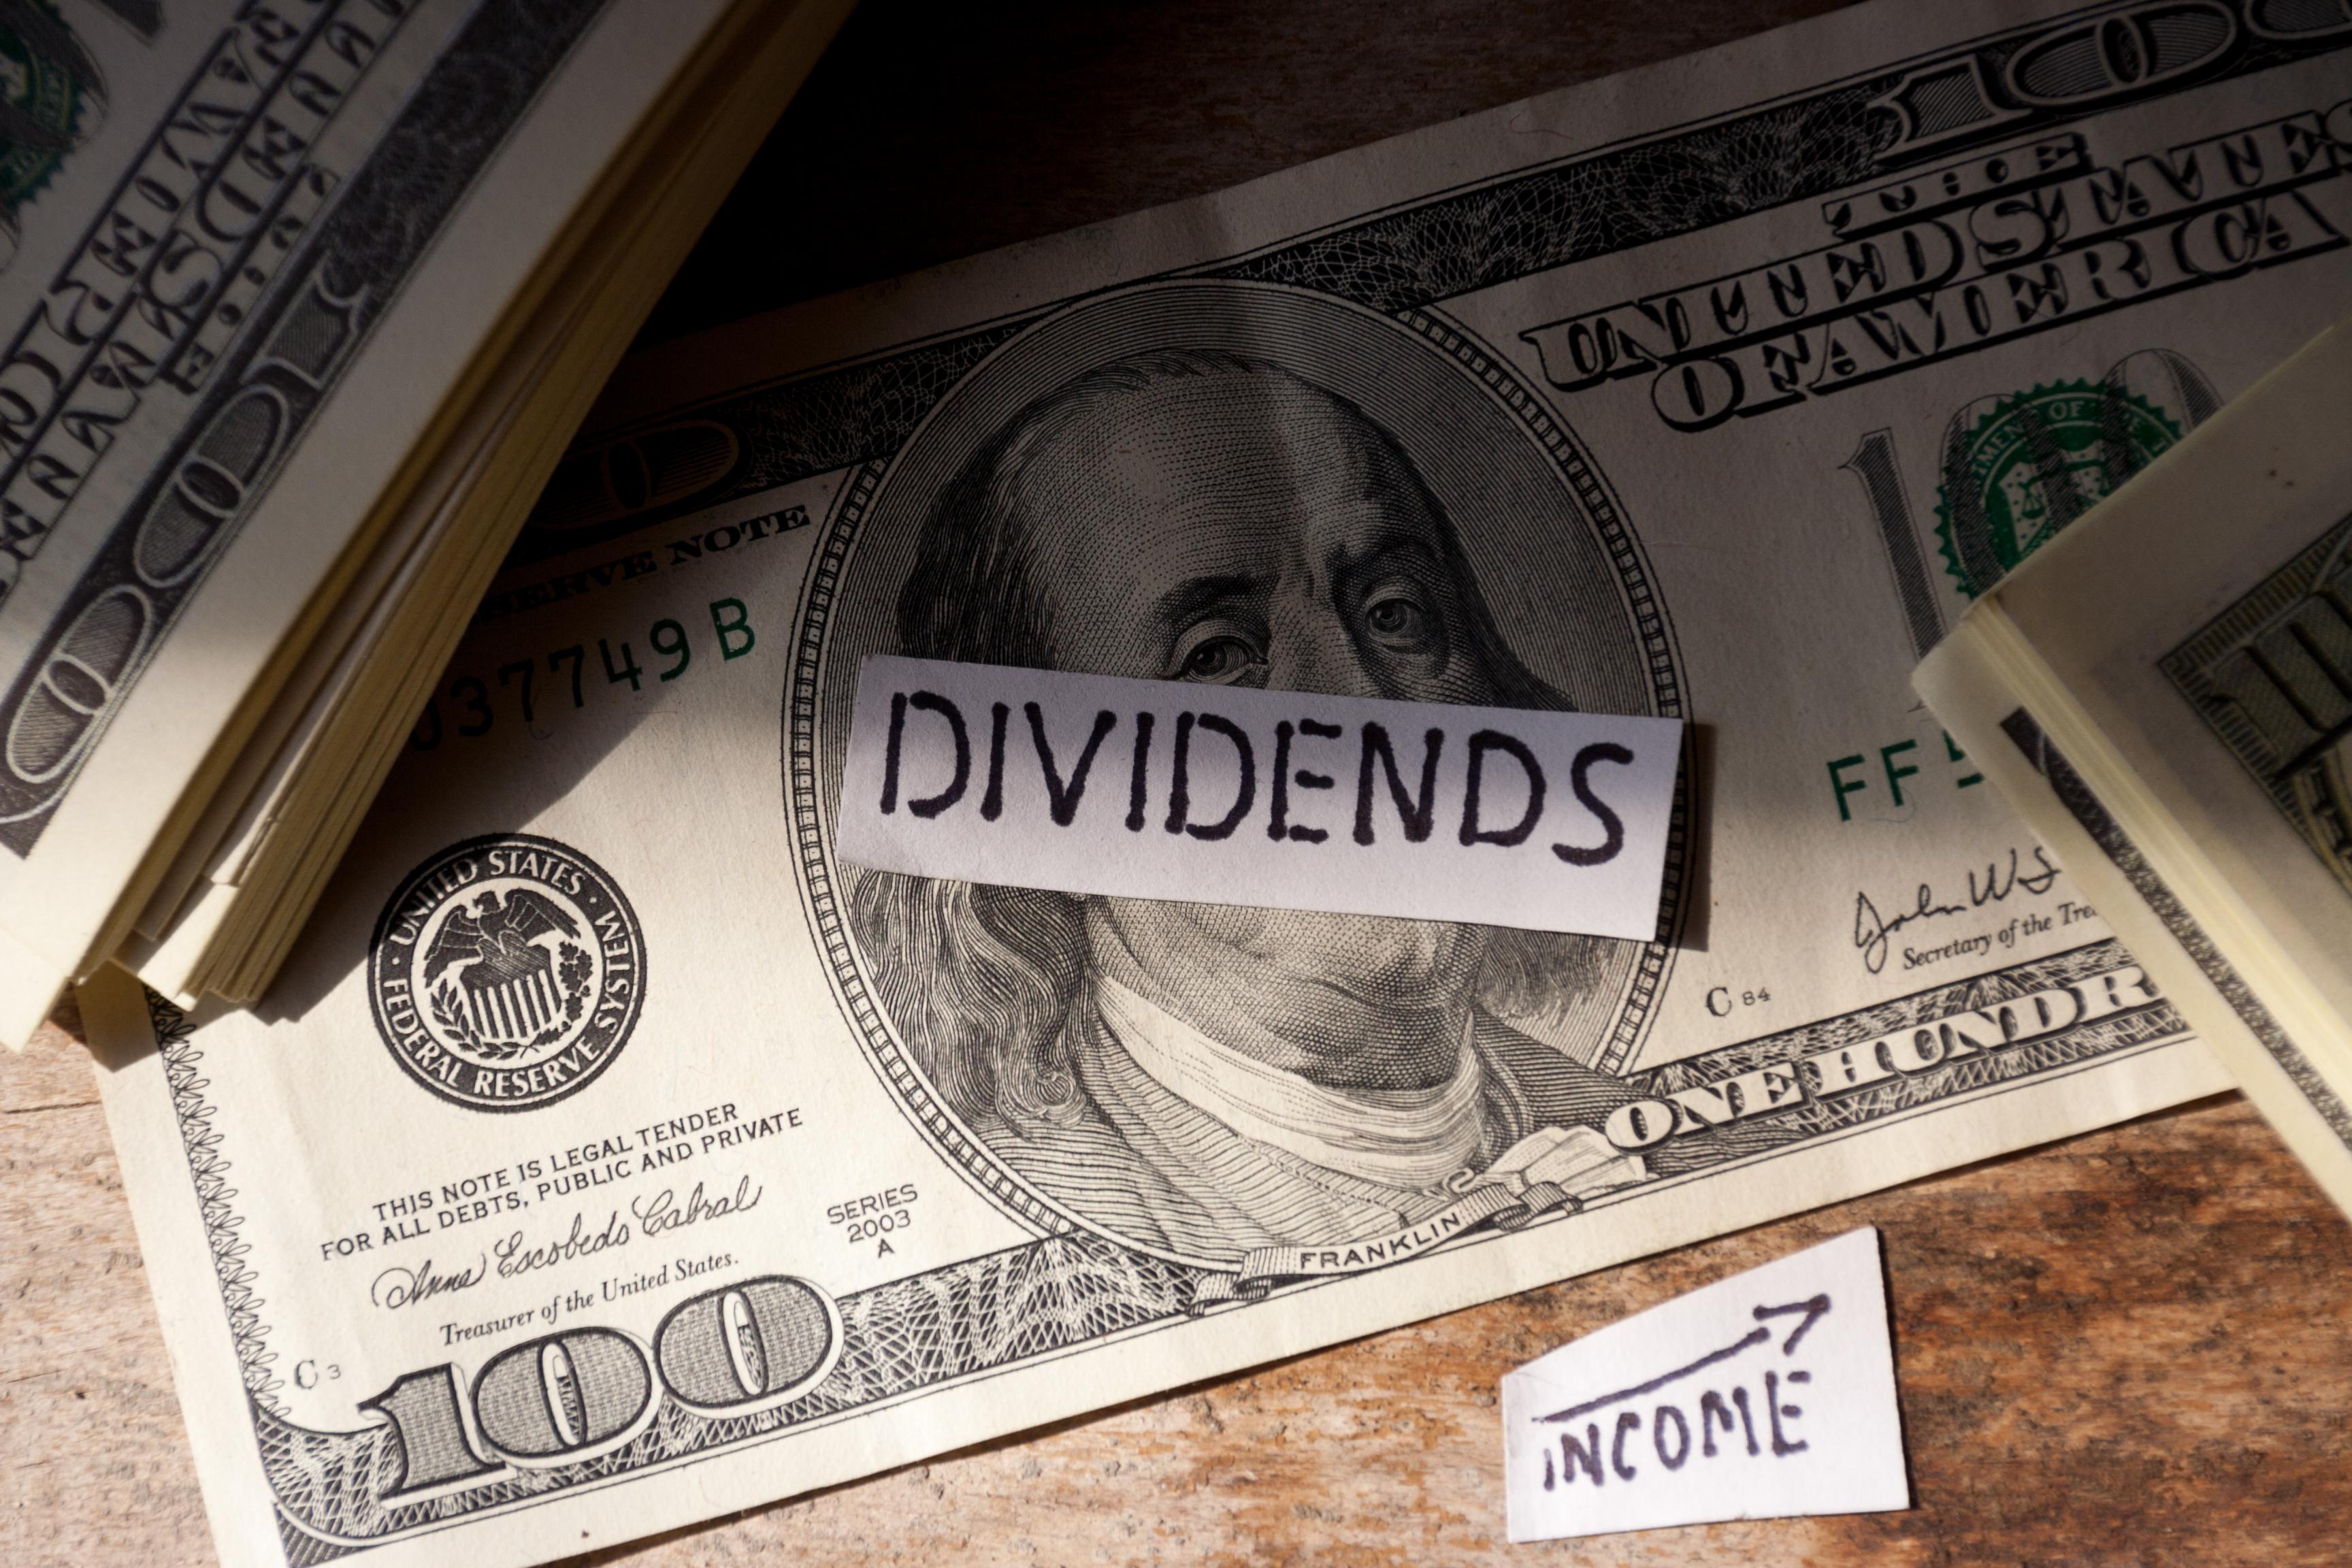 Dividends written on a hundred dollar bill.